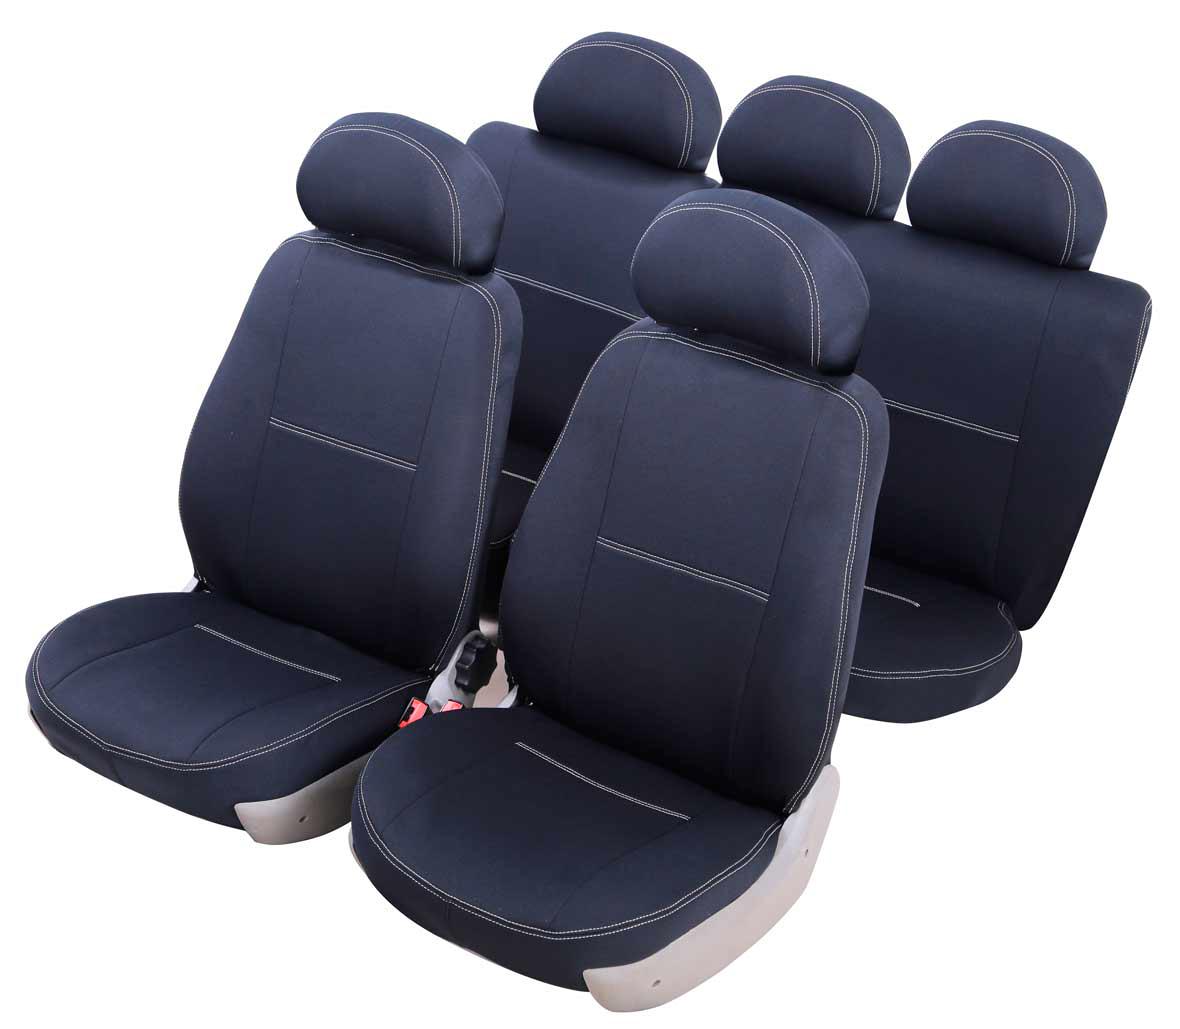 Чехлы на автокресло Azard Standard, для Lada 1118 Kalina (2004-2011 гг), седан, цвет: черныйA4010051Модельные чехлы из полиэстера Azard Standard. Разработаны в РФ индивидуально для каждого автомобиля.Чехлы Azard Standard серийно выпускаются на собственном швейном производстве в России.Чехлы идеально повторяют штатную форму сидений и выглядят как оригинальная обивка сидений. Для простоты установки используется липучка Velcro, учтены все технологические отверстия.Чехлы сохраняют полную функциональность салона - трансформация сидений, возможность установки детских кресел ISOFIX, не препятствуют работе подушек безопасности AIRBAG и подогрева сидений.Дизайн чехлов Azard Standard приближен к оригинальной обивке салона. Декоративная контрастная прострочка по периметру авточехлов придает стильный и изысканный внешний вид интерьеру автомобиля.Чехлы Azard Standard изготовлены из полиэстера, триплированного огнеупорным поролоном толщиной 3 мм, за счет чего чехол приобретает дополнительную мягкость. Подложка из спандбонда сохраняет свойства поролона и предотвращает его разрушение.Авточехлы Azard Standard просты в уходе - загрязнения легко удаляются влажной тканью.